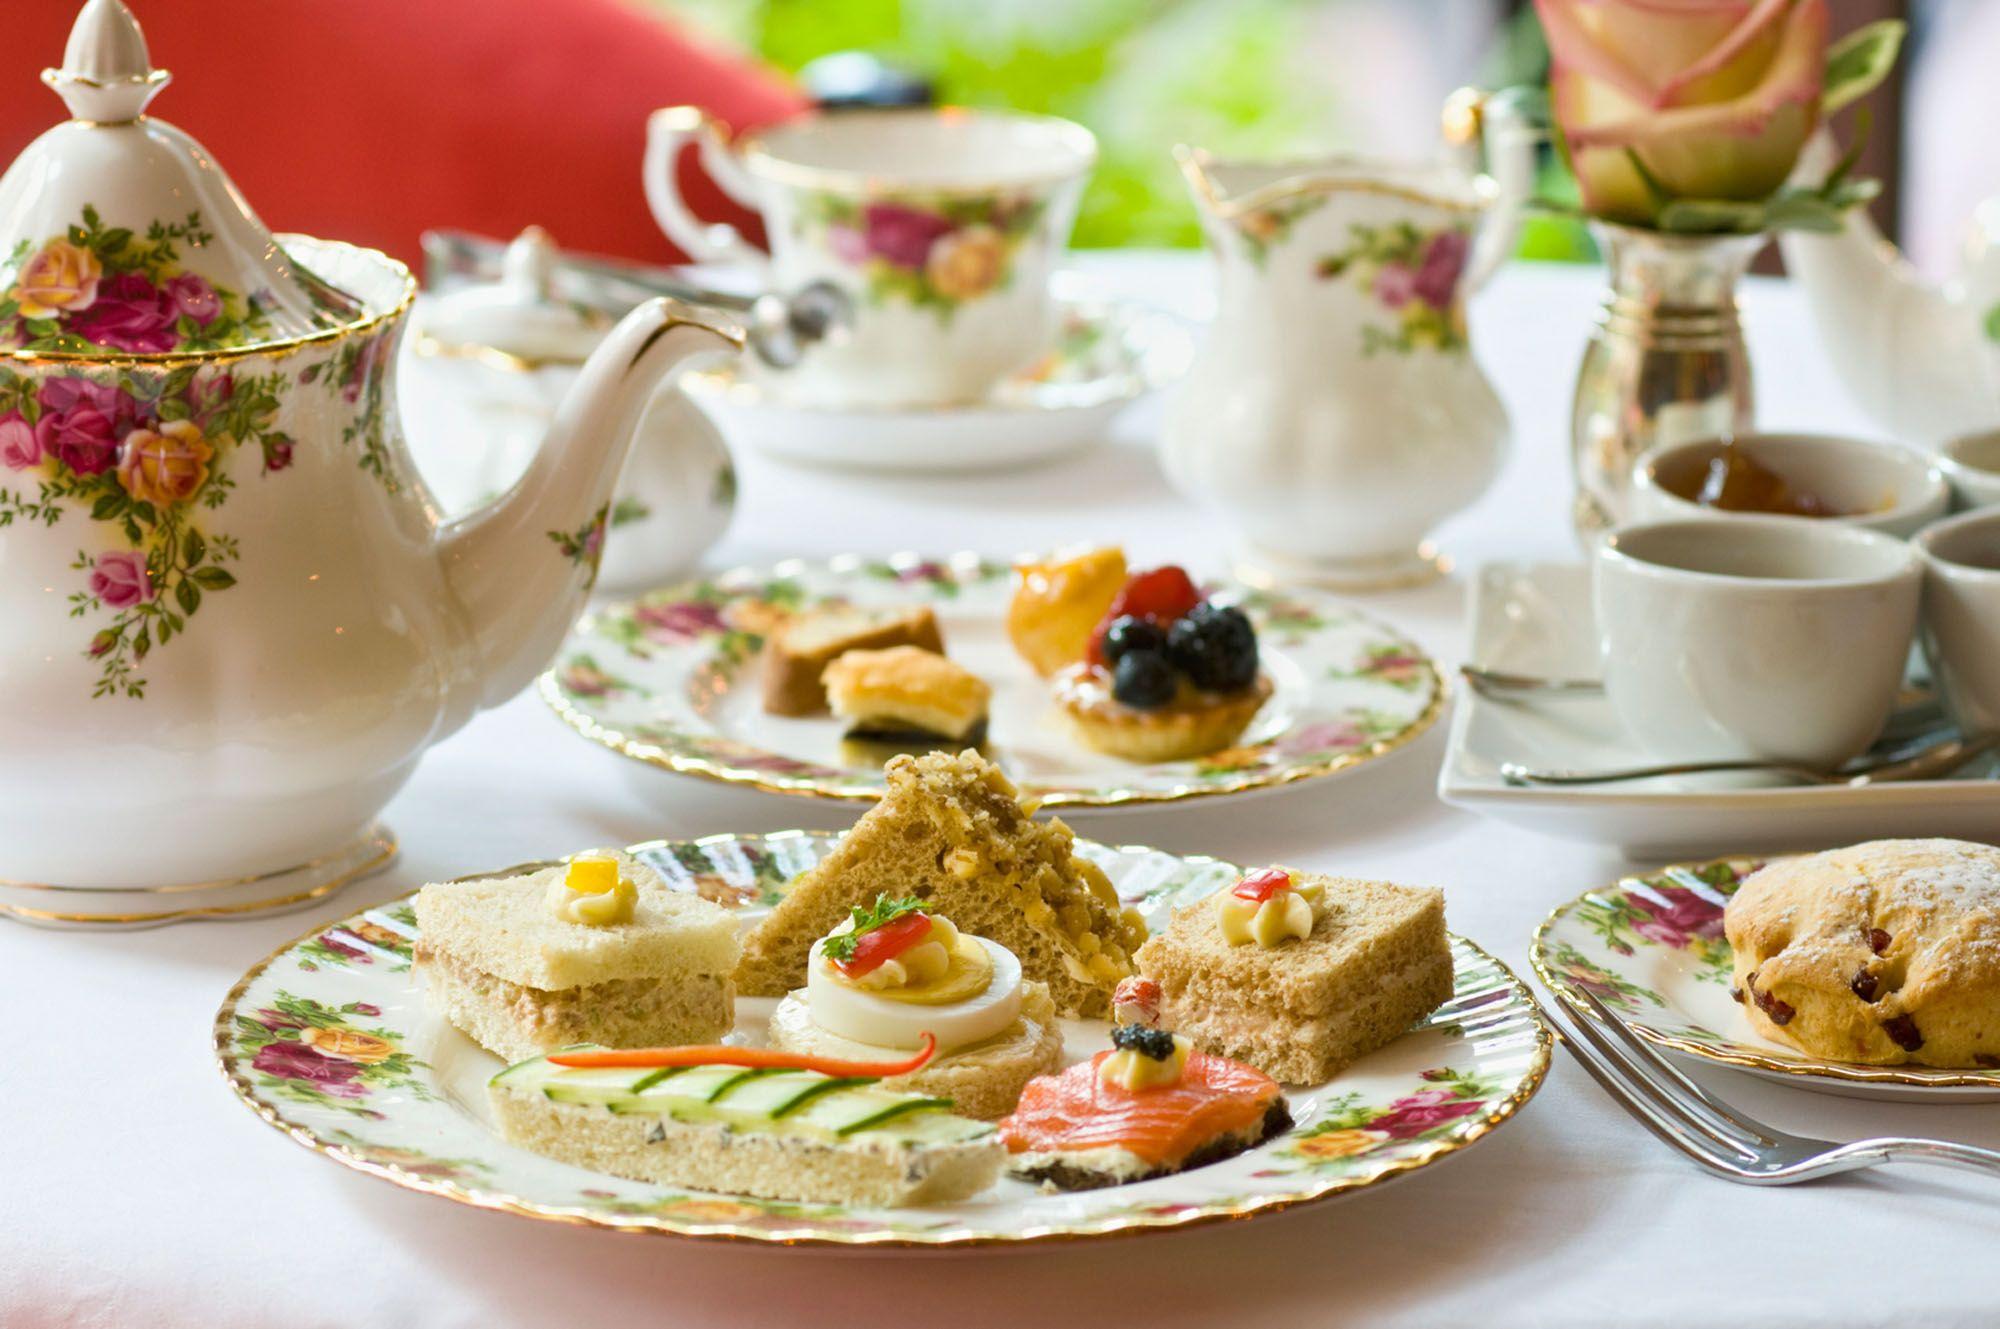 Afternoon tea menu recipes houston afternoon tea hotel